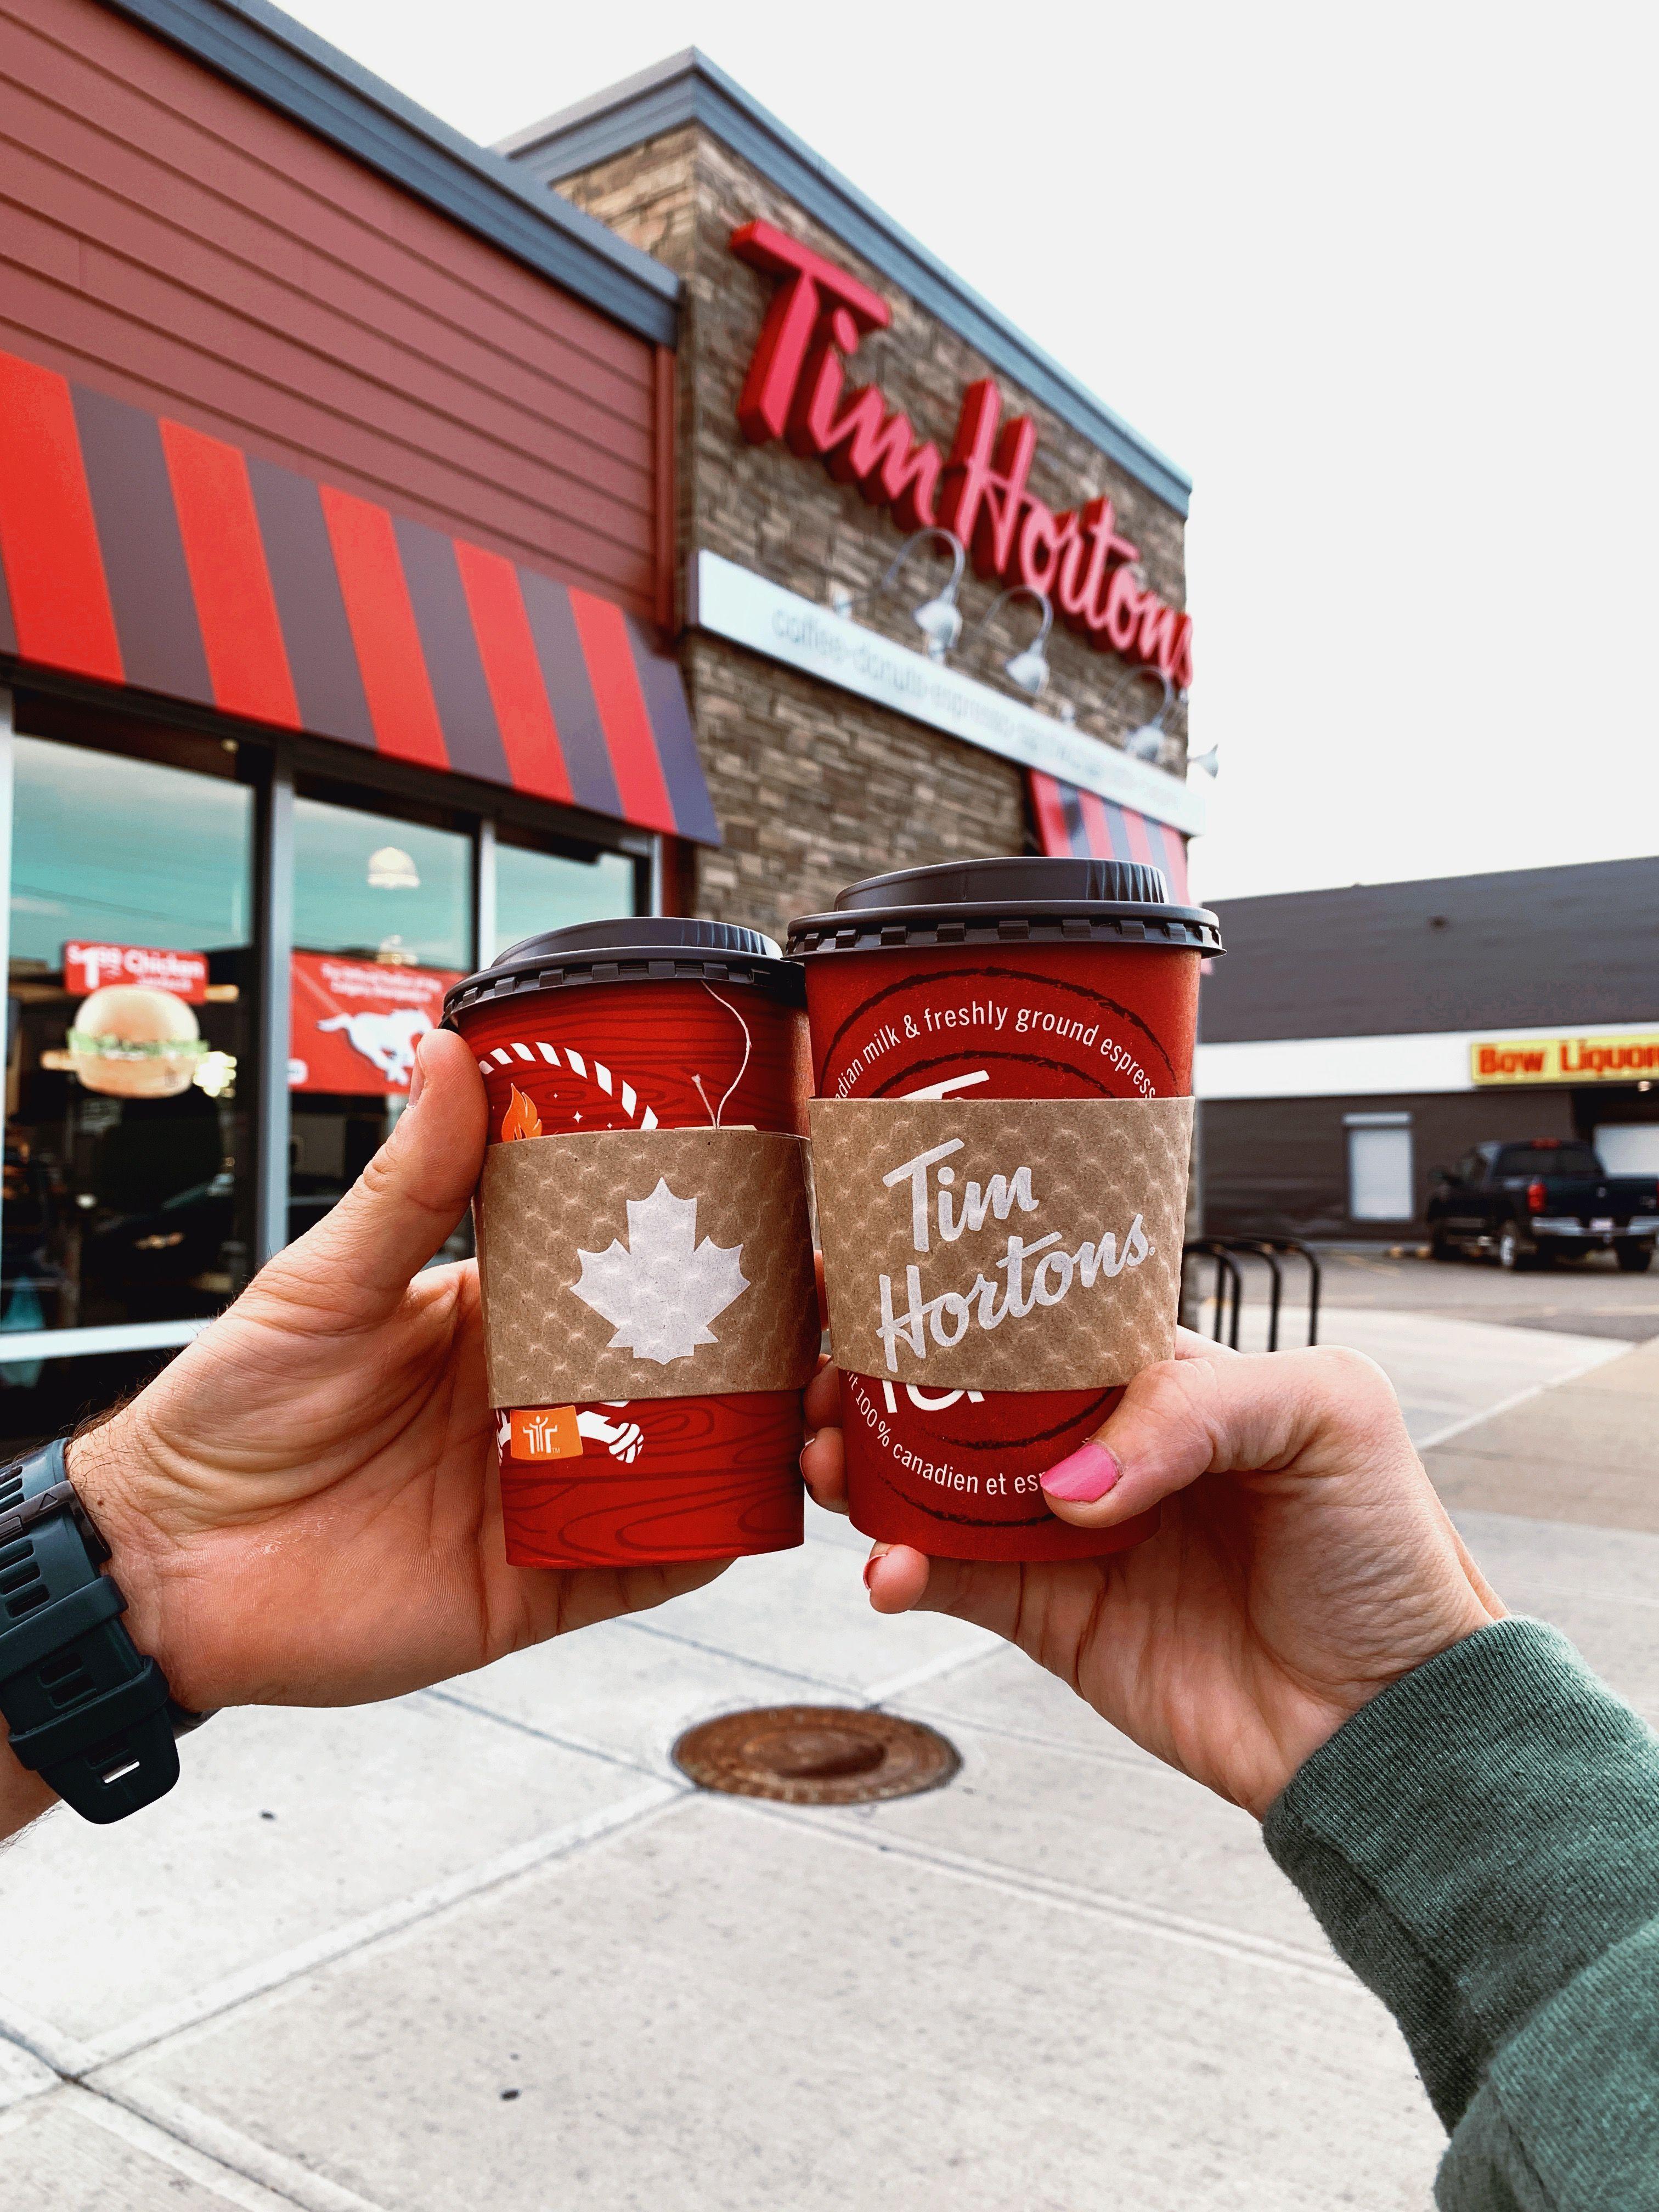 Tim Hortons Tim Hortons Tim Hortons Coffee Tim Hortons Canada